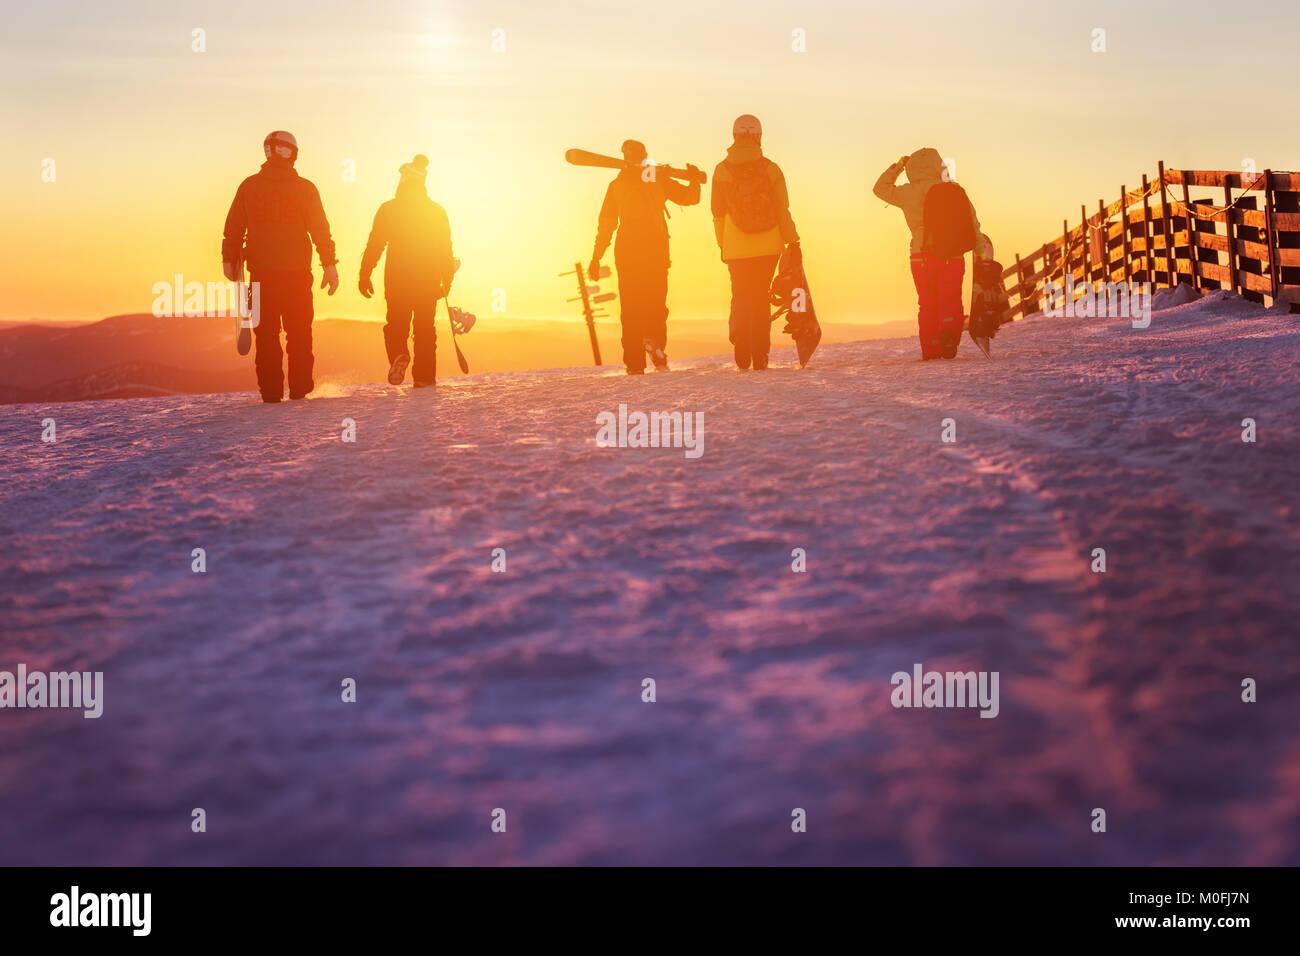 Amigos de esquí y snowboard pasear al atardecer Imagen De Stock